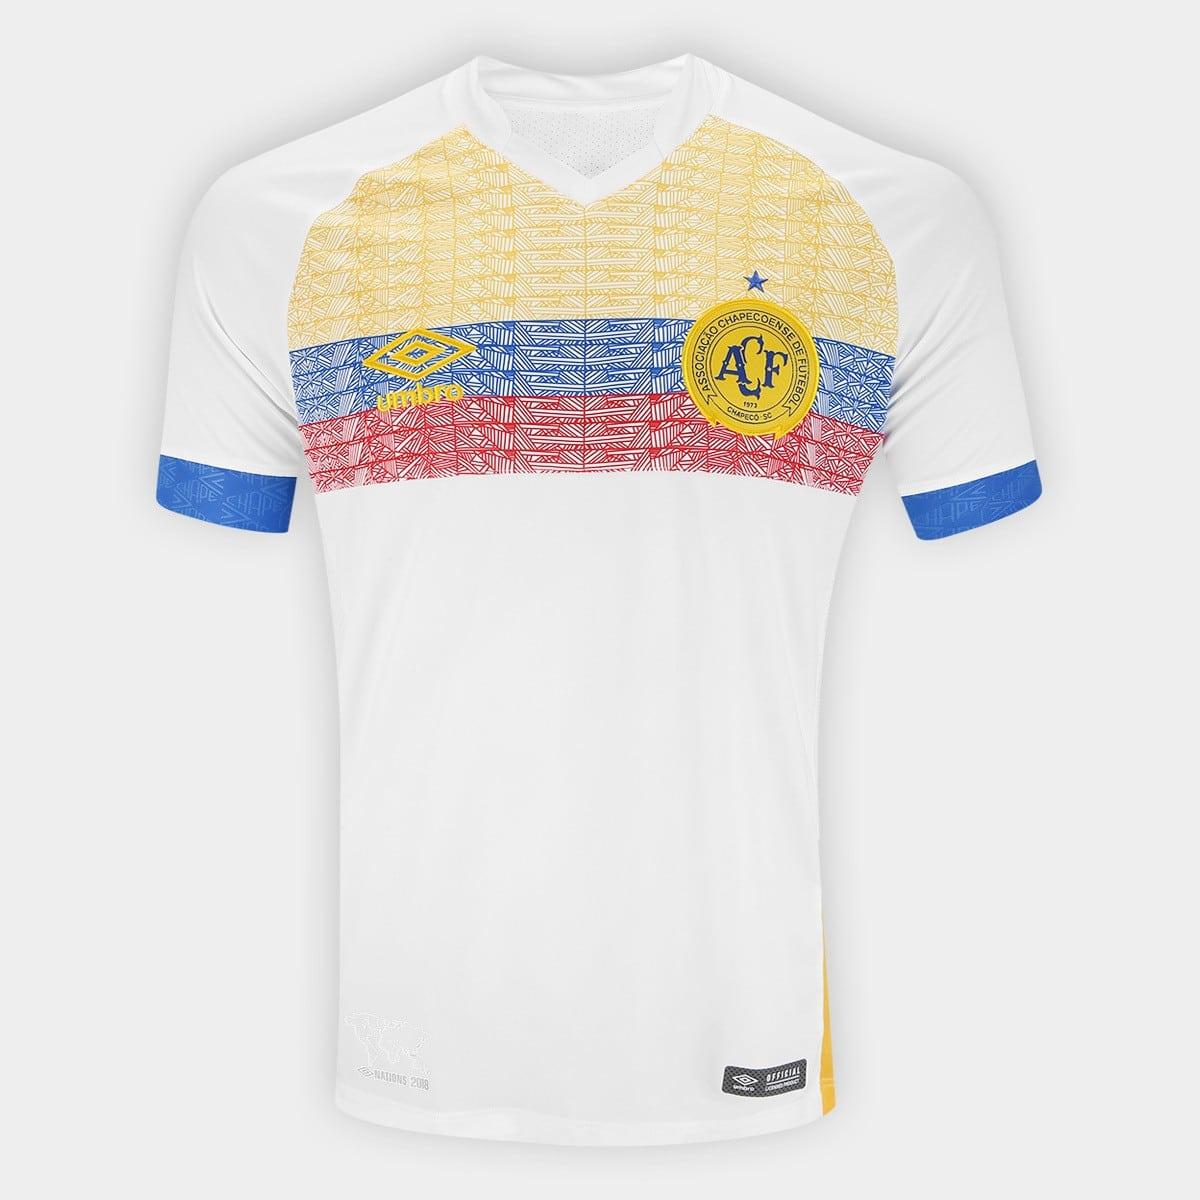 Camisa da Chapecoense em homenagem à Colômbia